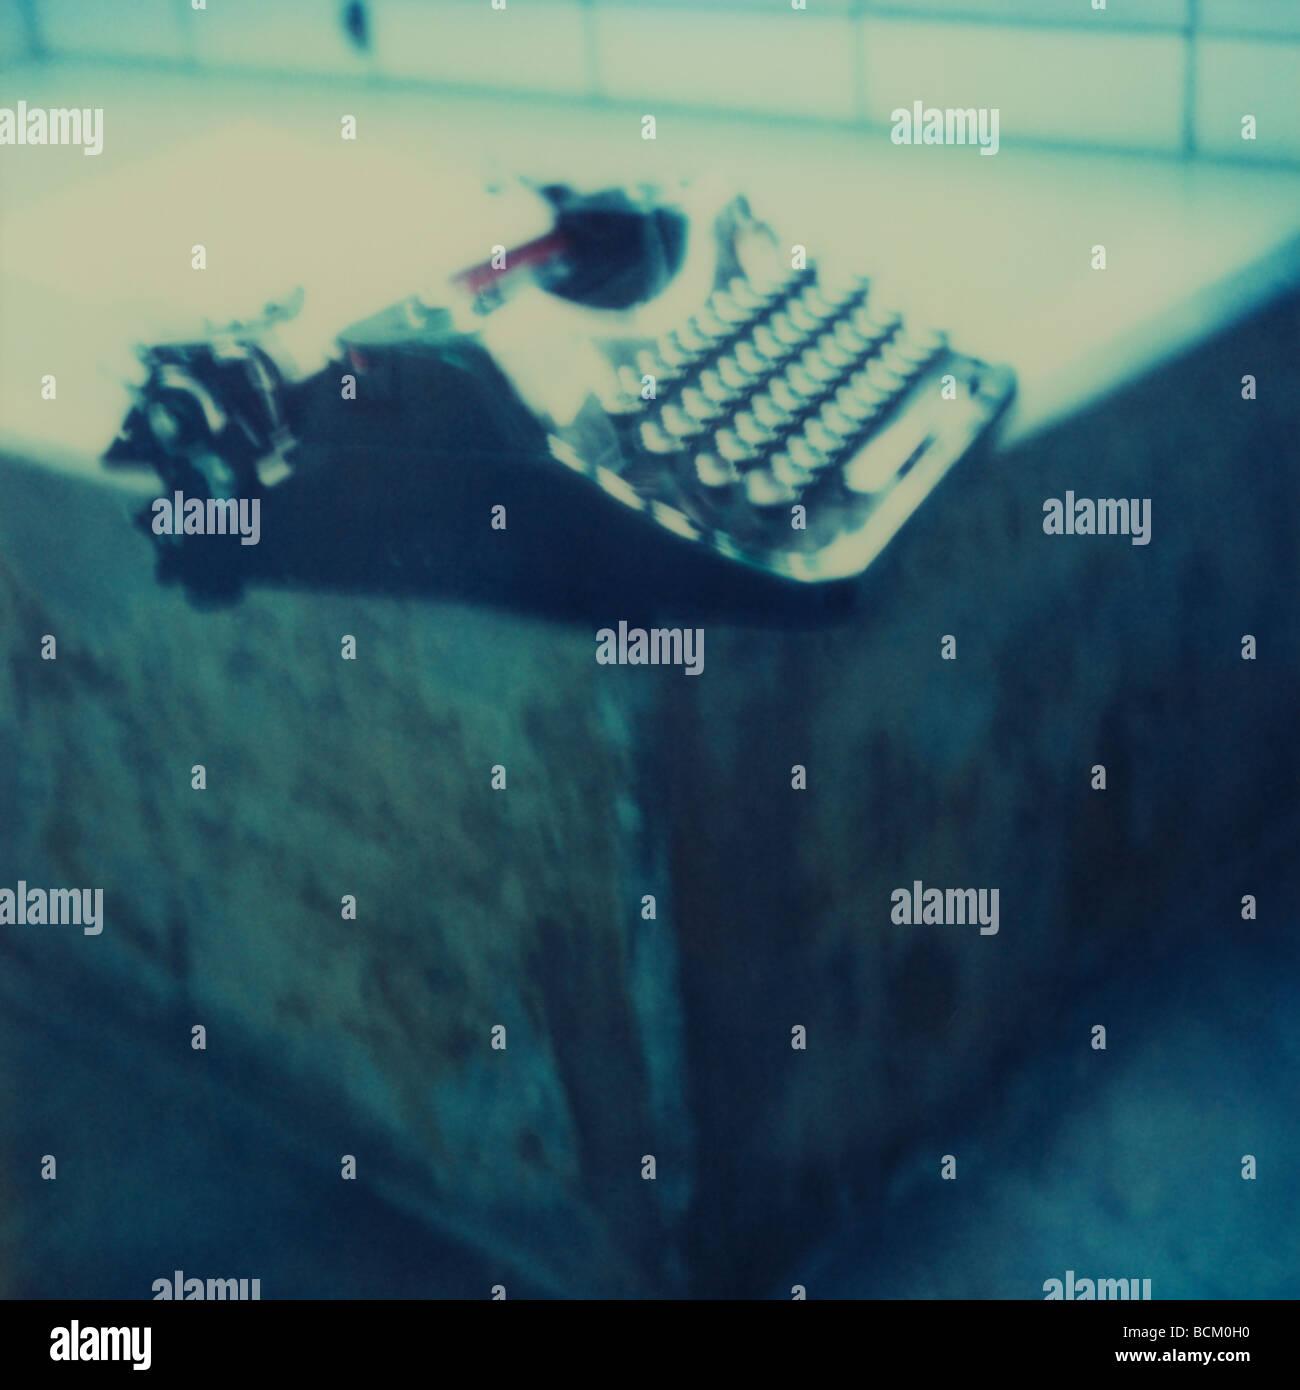 Nastri inchiostratori per macchine da scrivere sul bordo della vasca da bagno Immagini Stock